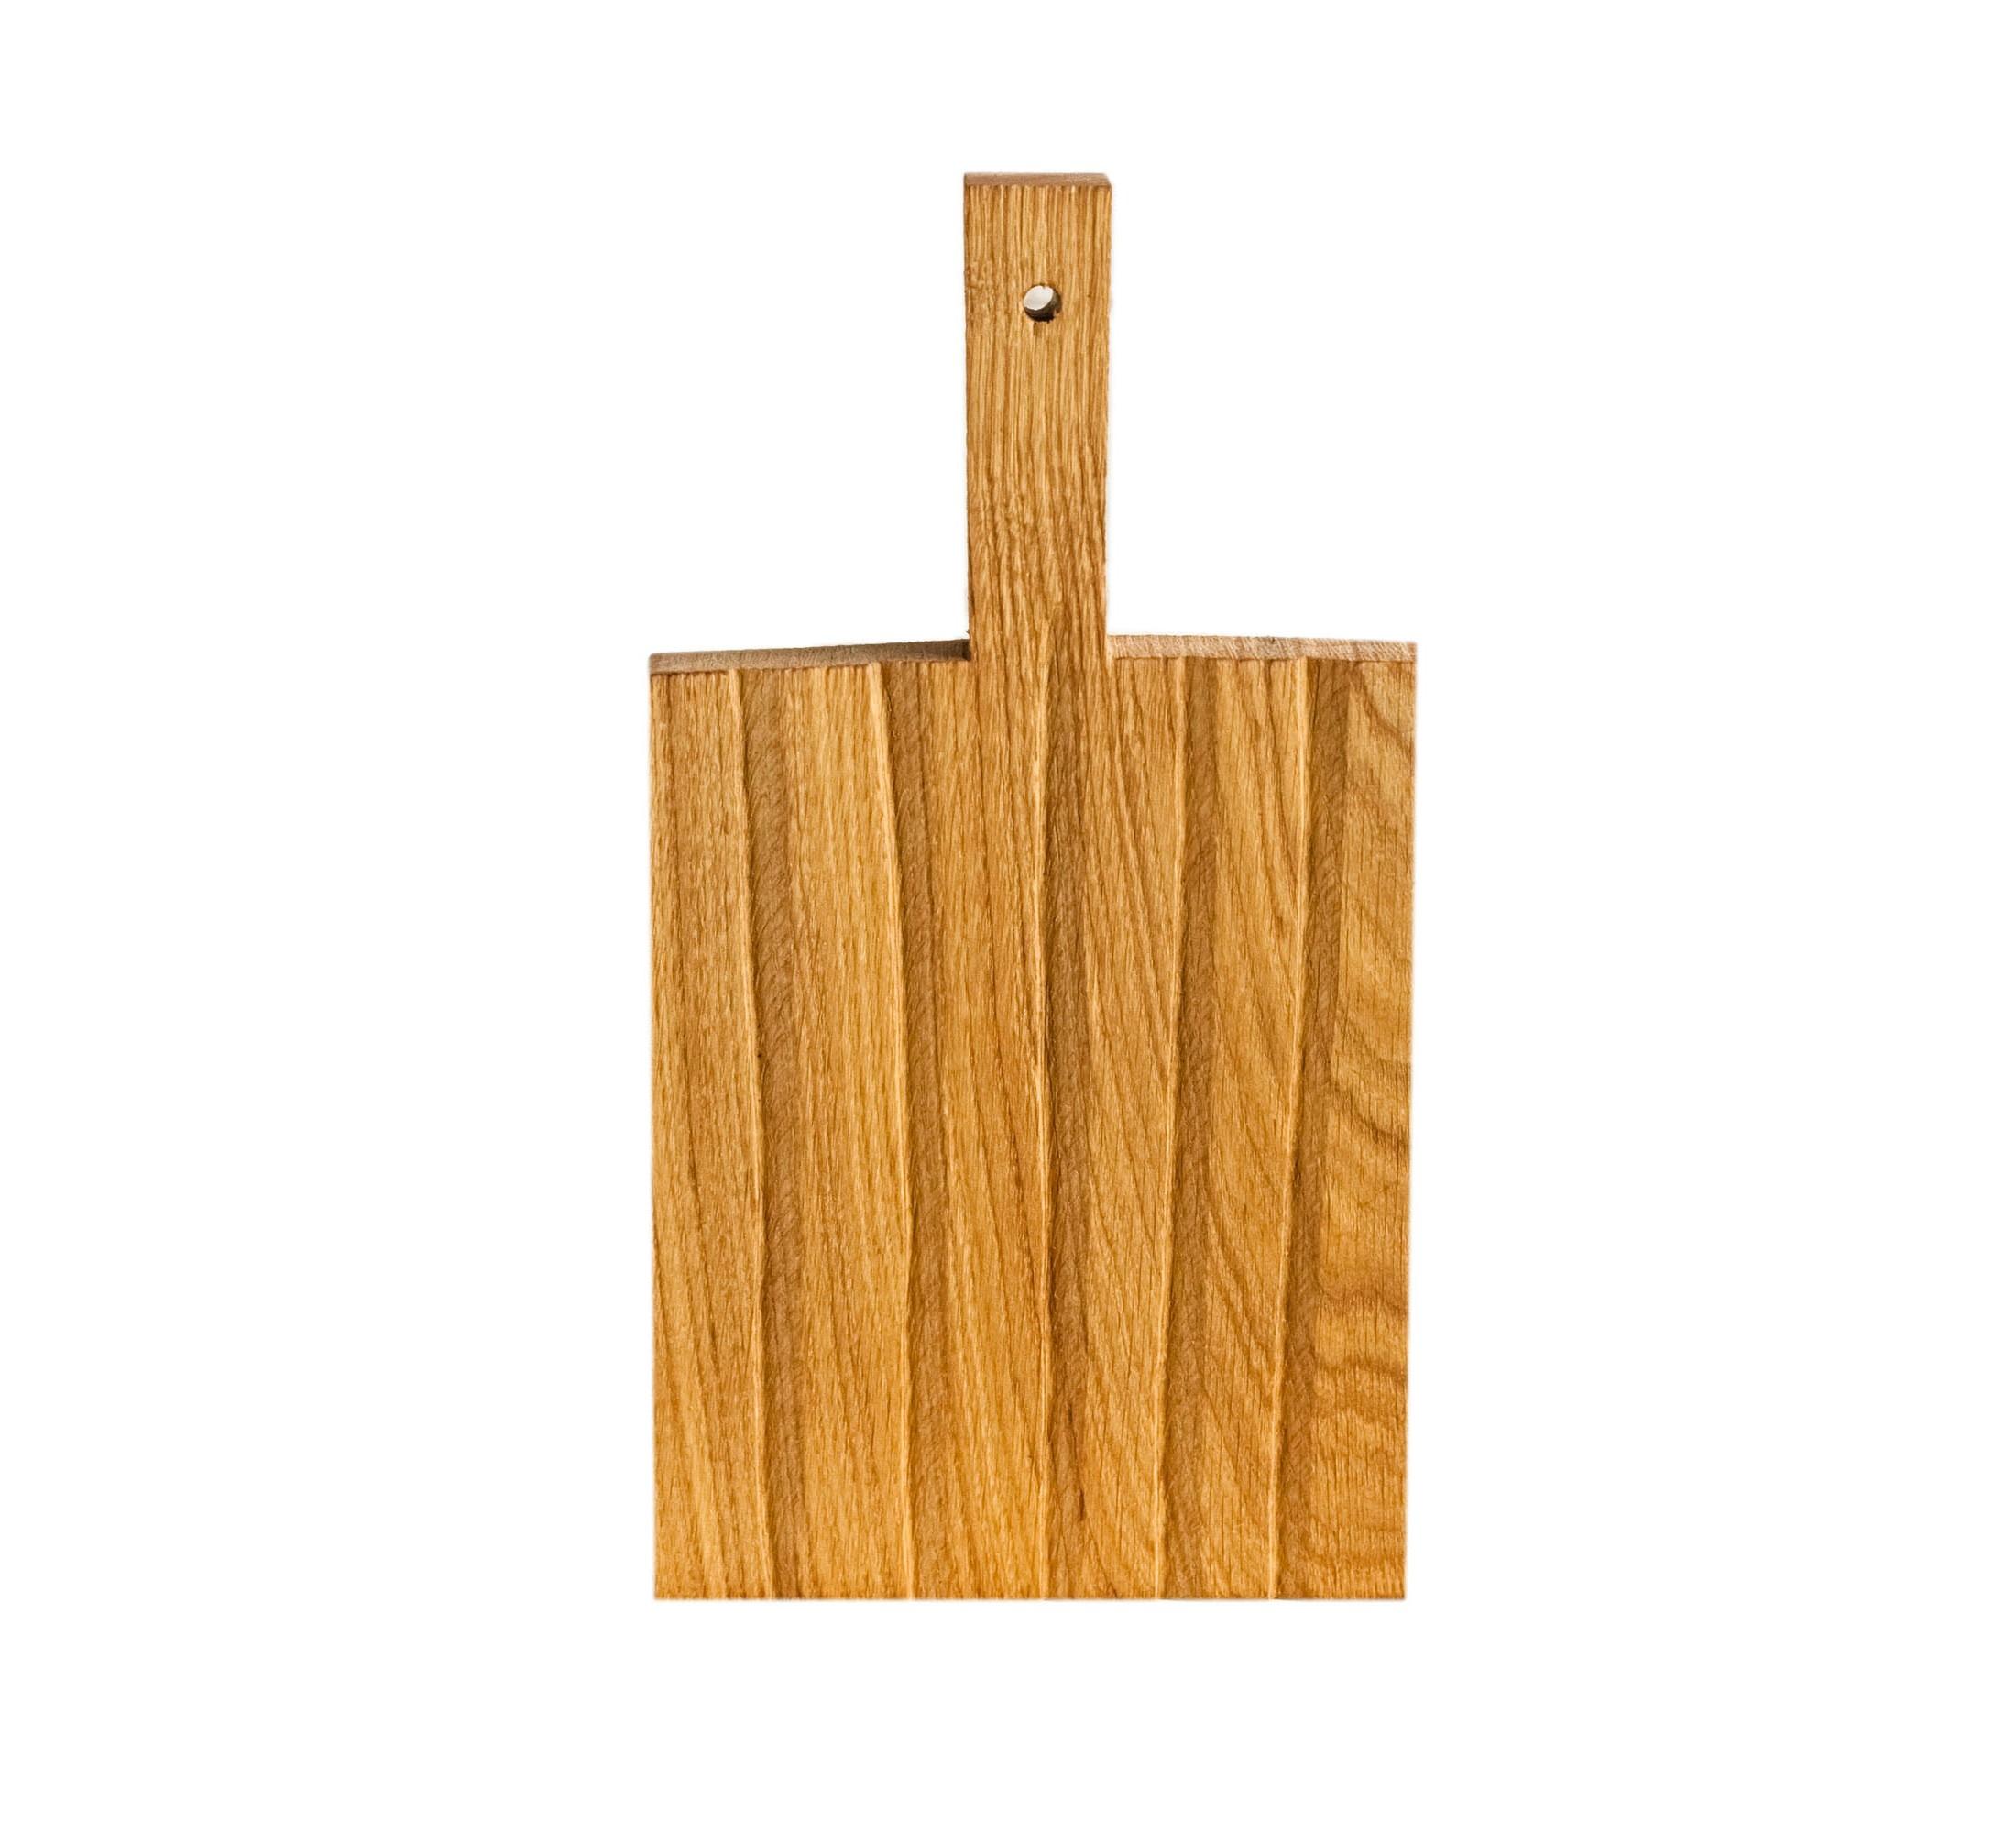 Разделочная доска ПолеПодставки и доски<br>Сделана вручную. Покрытие: льняное масло. У доски есть две поверхности: декоративная с нанесенной на нее фактурой и рабочая, гладкая. Её можно использовать как разделочную, сервировочную доску для подачи или предмет декора интерьера. Из-за специфики ручного труда все предметы отличаются друг от друга. После влажной обработки доску нужно протирать полотенцем. При необходимости можно обновлять покрытие, протерев поверхность доски тряпочкой, смоченной льняным маслом.<br><br>Material: Дуб<br>Length см: 32<br>Width см: 17